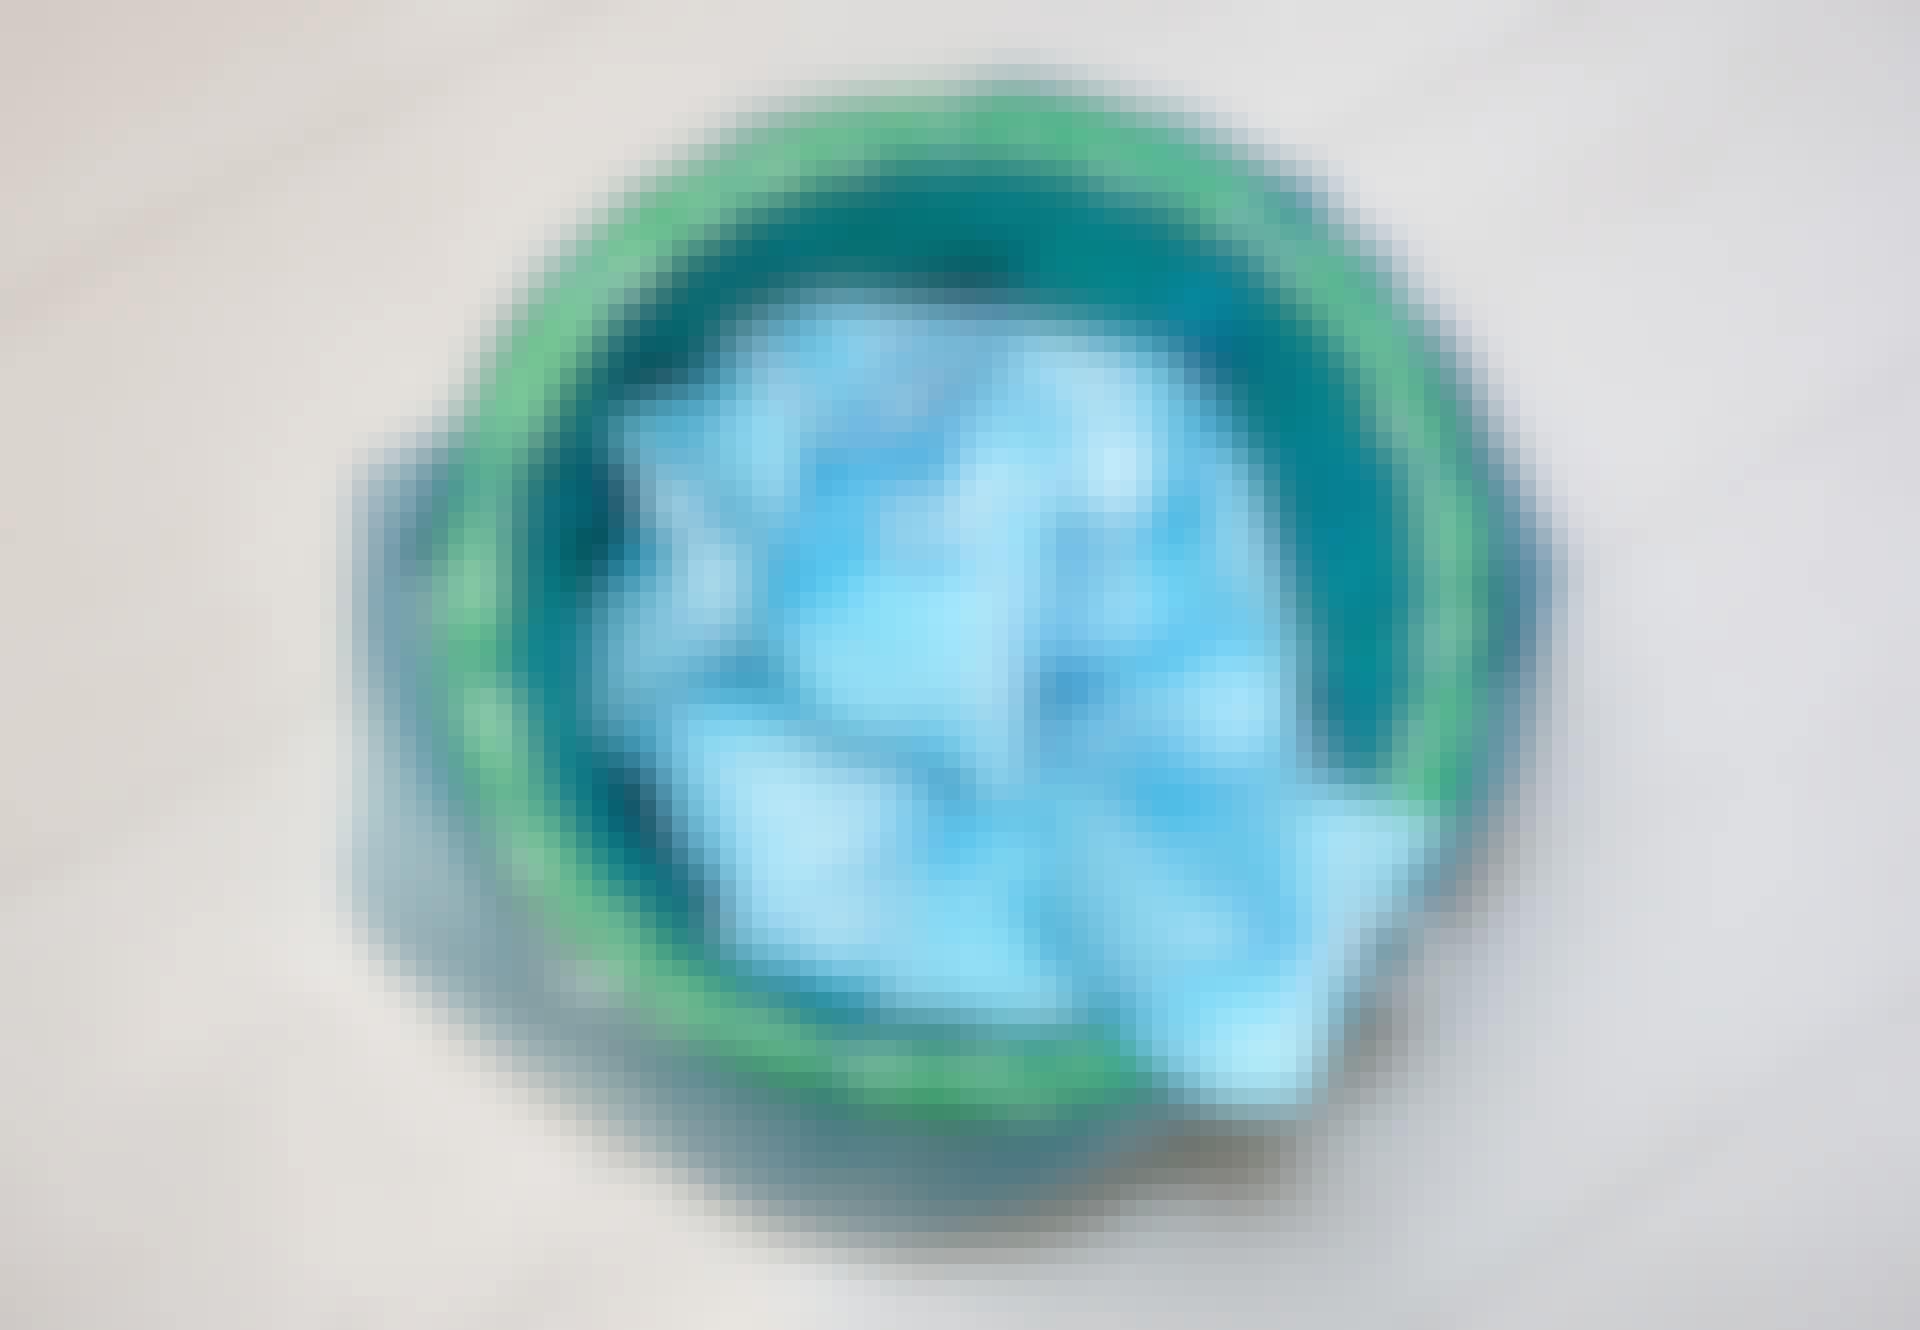 Koronavirukselta suojaava kasvomaski roskakorissa